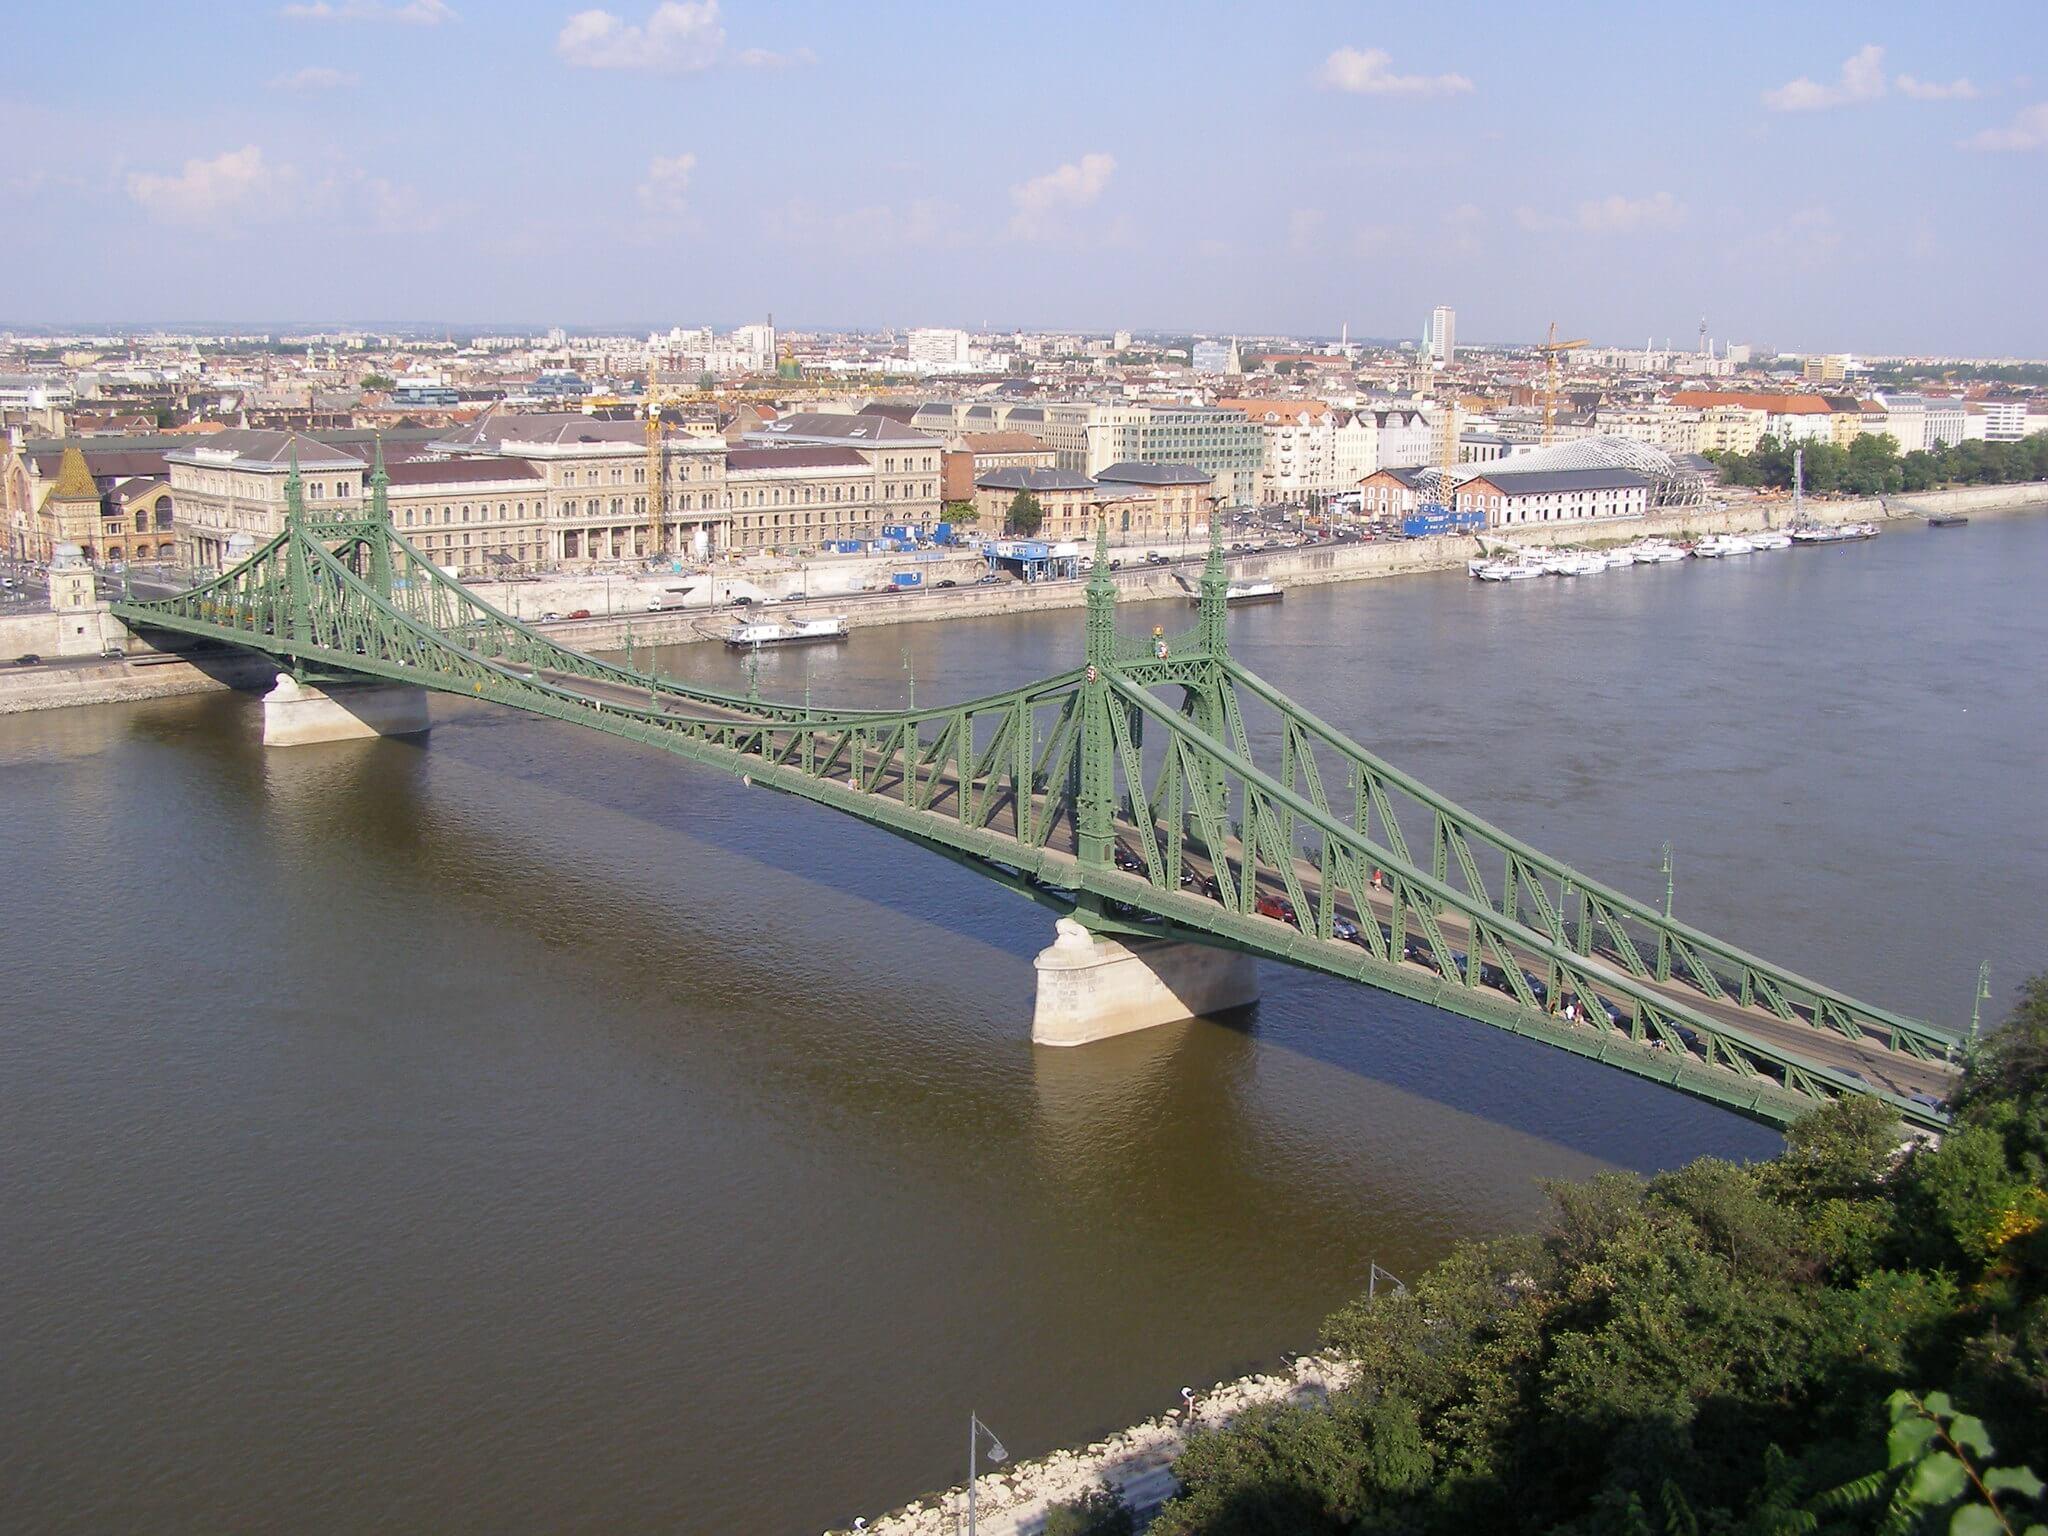 Húzzák a ponthatárokat! Szétnéztünk Budapest albérleti piacán